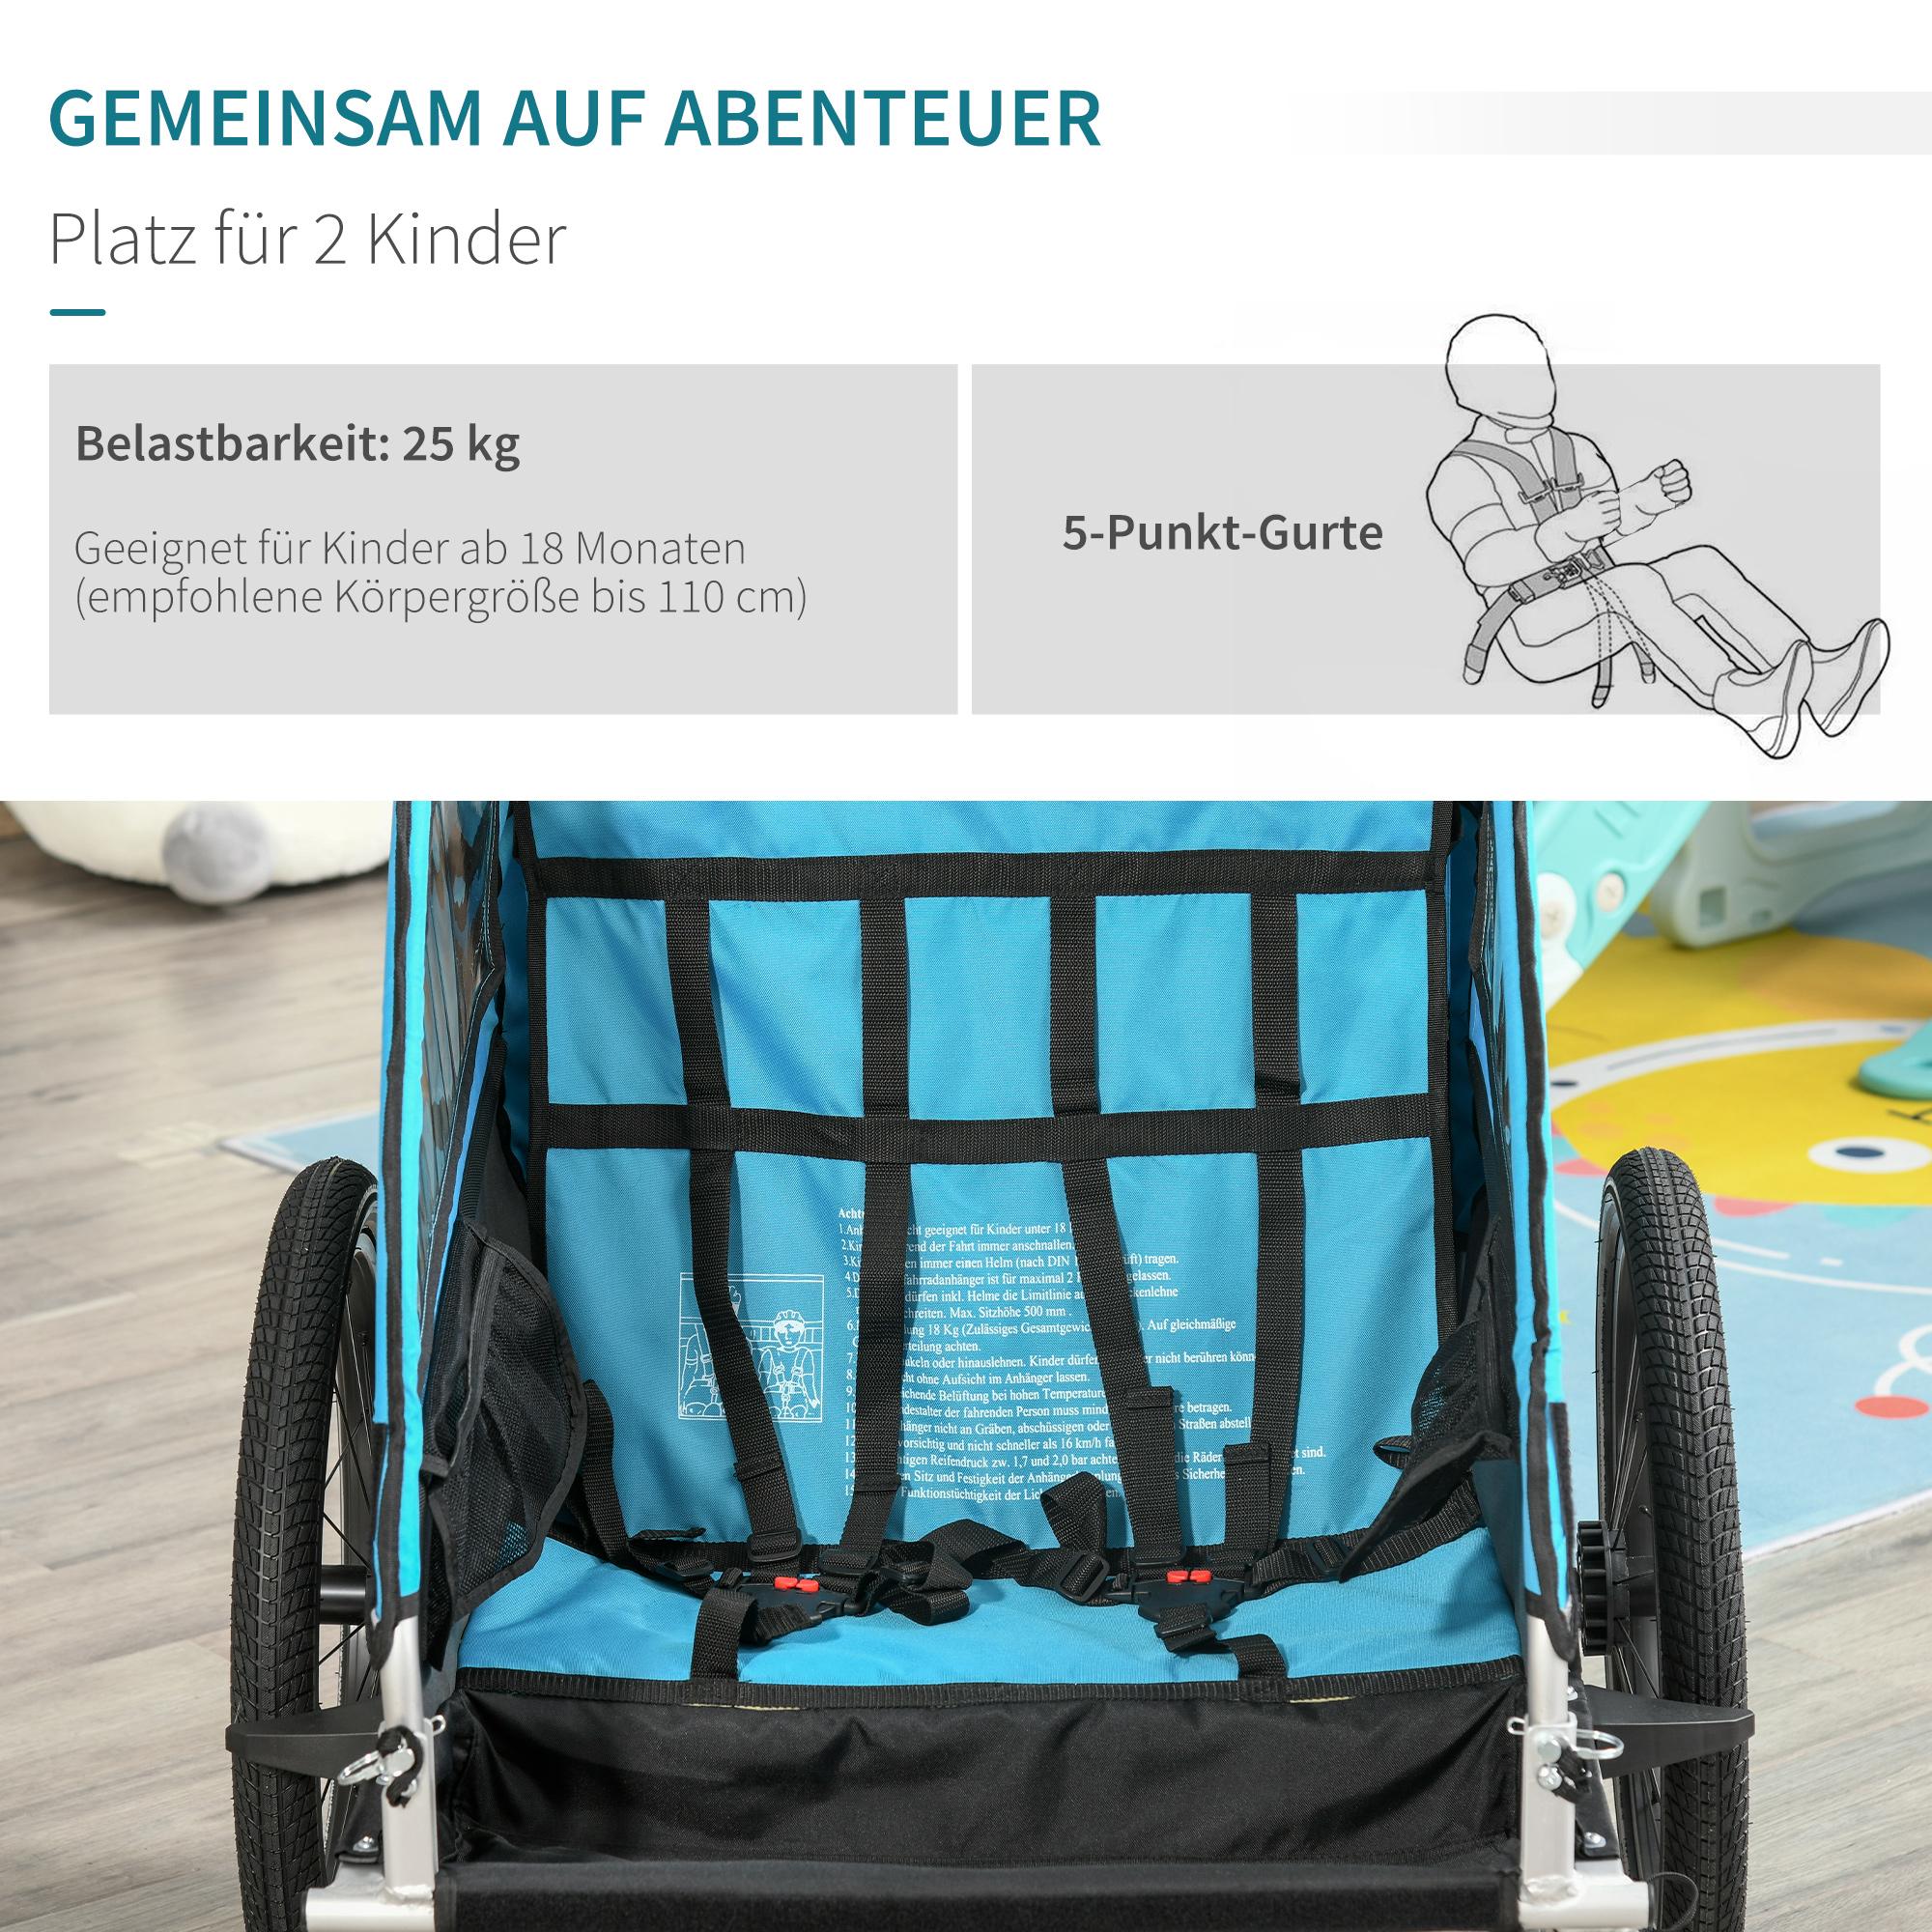 Indexbild 10 - HOMCOM 3 in 1 Kinderanhänger Jogger Fahrradanhänger für 2 Kinder Alu